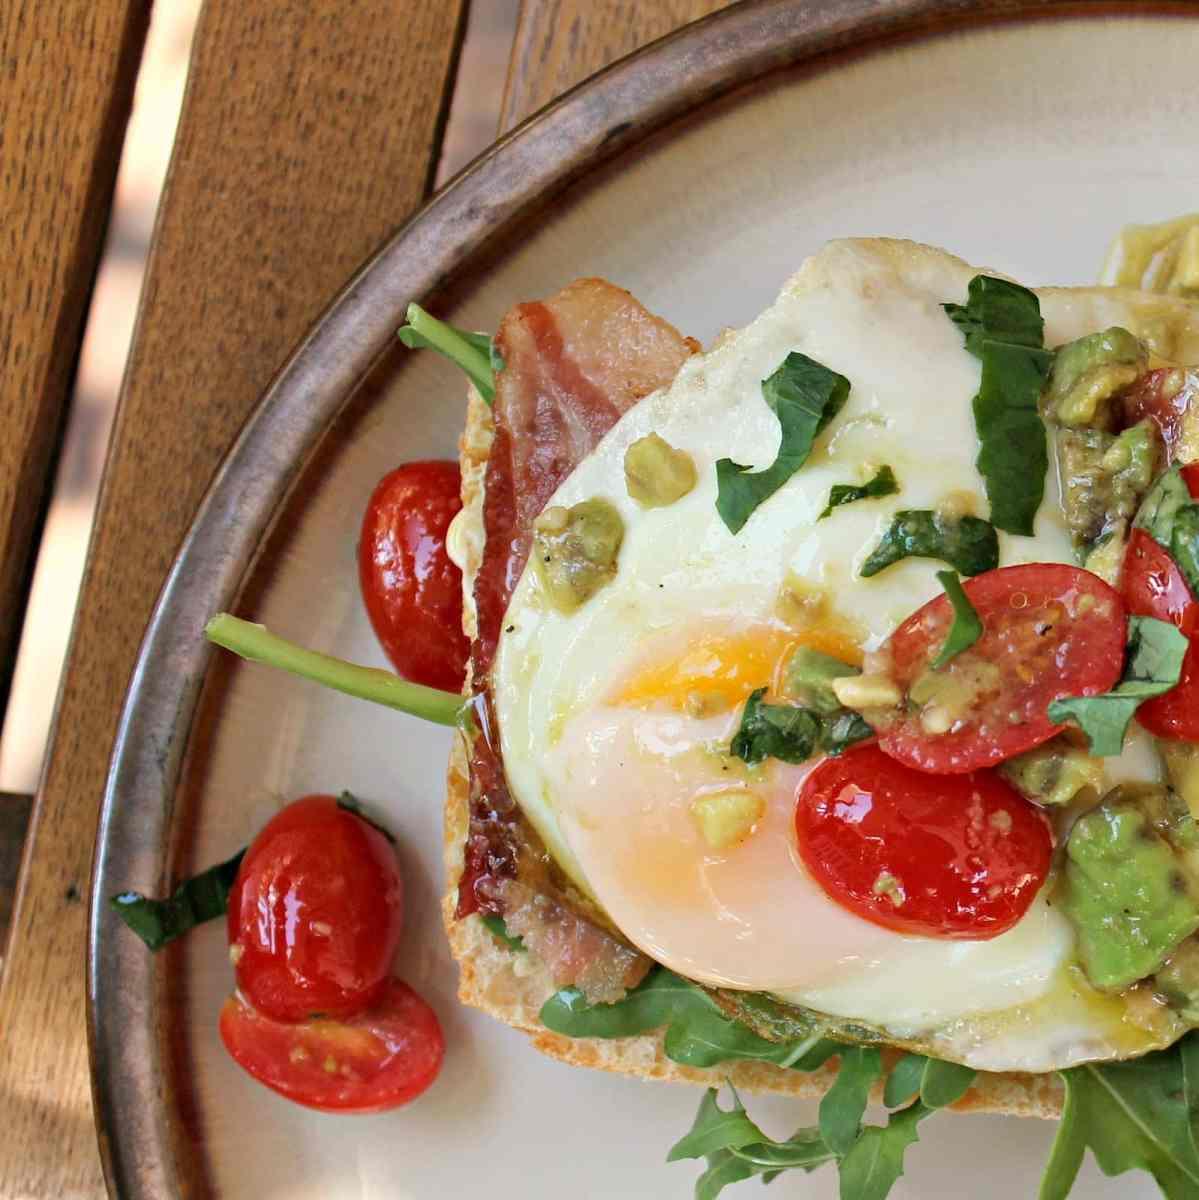 Egg BLT With Avocado